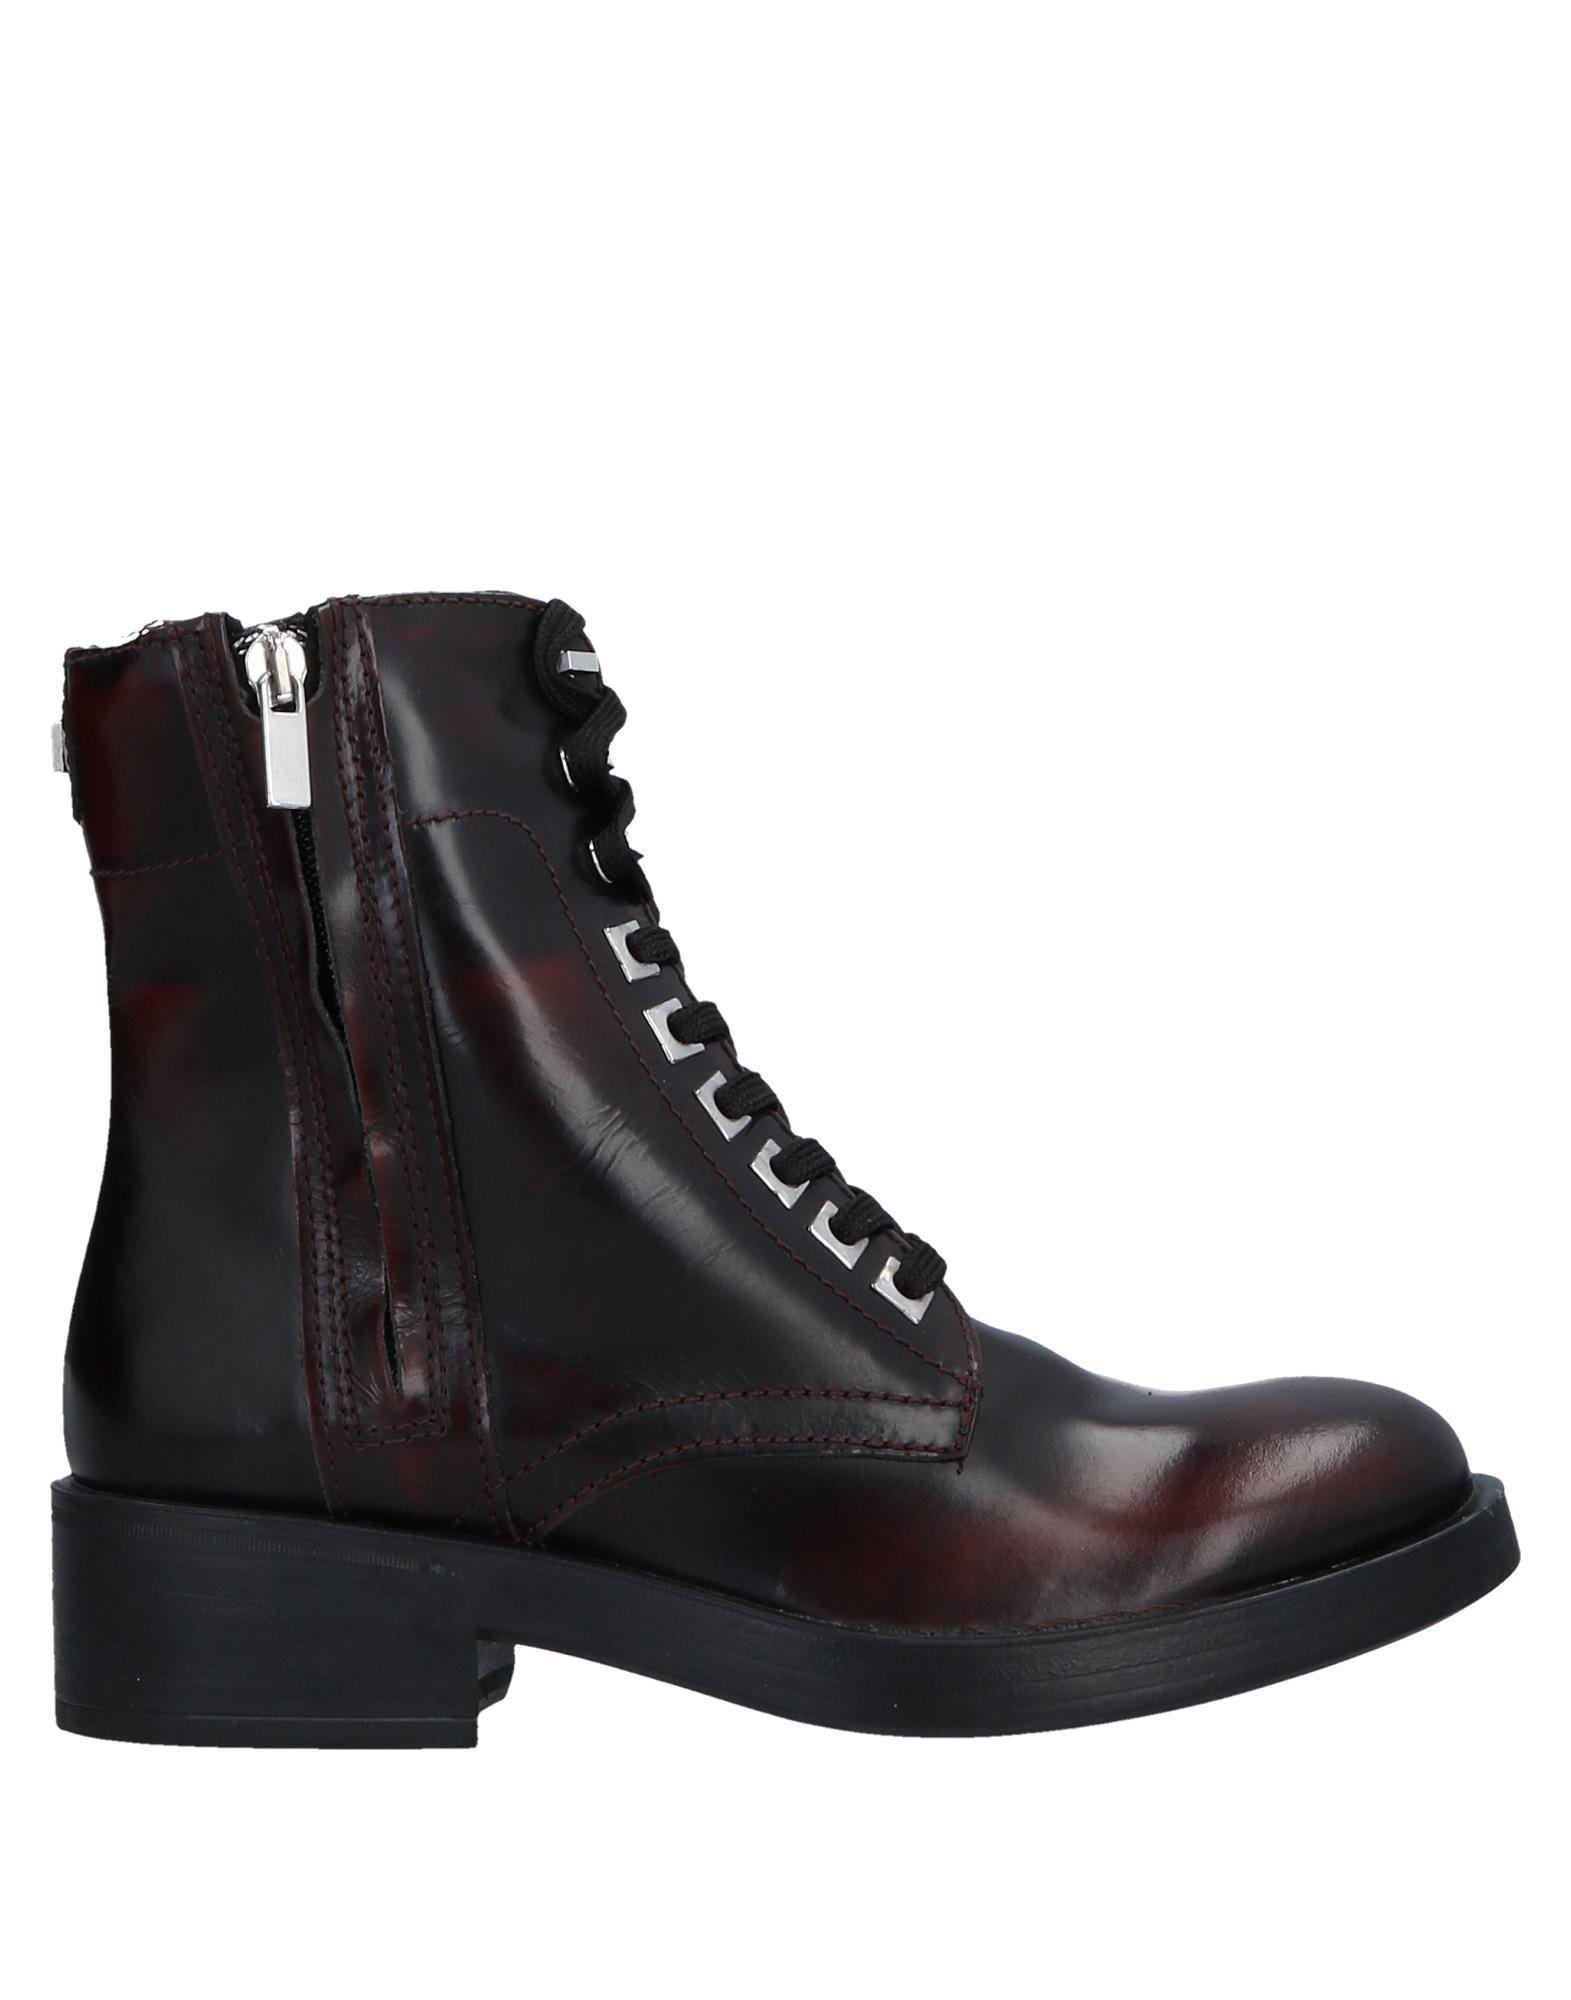 Gut um Stiefelette billige Schuhe zu tragenGuess Stiefelette um Damen  11526456VM 799bfe